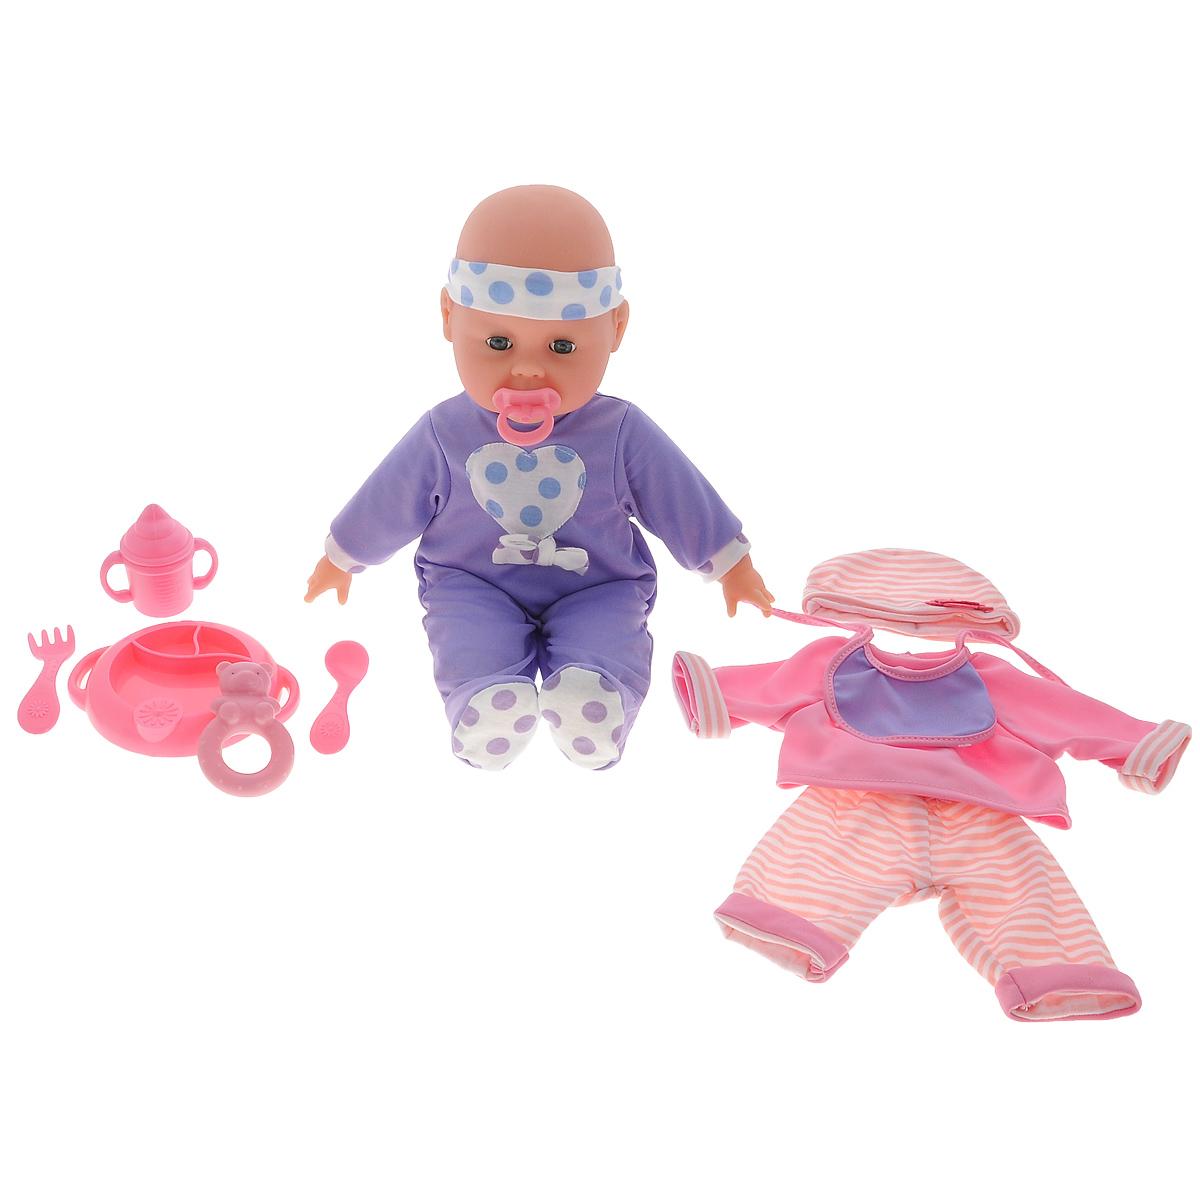 Пупс Simba Baby Collection, с аксессуарами, со звуковыми эффектами5146671Пупс Simba Baby Collection непременно приведет в восторг вашу дочурку. Голова, ручки и ножки пупса выполнены из прочного пластика, а тело - мягконабивное. При нажатии на животик, игрушка воспроизводит реалистичные звуковые эффекты. Всего пупс воспроизводит 12 разных звуков. В набор также входит дополнительная одежда для куклы и аксессуары для кормления и ухода за малышом - пустышка, слюнявчик, вилка, ложка, тарелка, поильник с ручками и прорезыватель. Трогательный пупс принесет радость и подарит своей обладательнице мгновения нежных объятий. Игры с куклами способствуют эмоциональному развитию, помогают формировать воображение и художественный вкус, а также разовьют в вашей малышке чувство ответственности и заботы. Великолепное качество исполнения делают эту куколку чудесным подарком к любому празднику. Рекомендуется докупить 3 батарейки типа AG13 (LR44) (товар комплектуется демонстрационными).